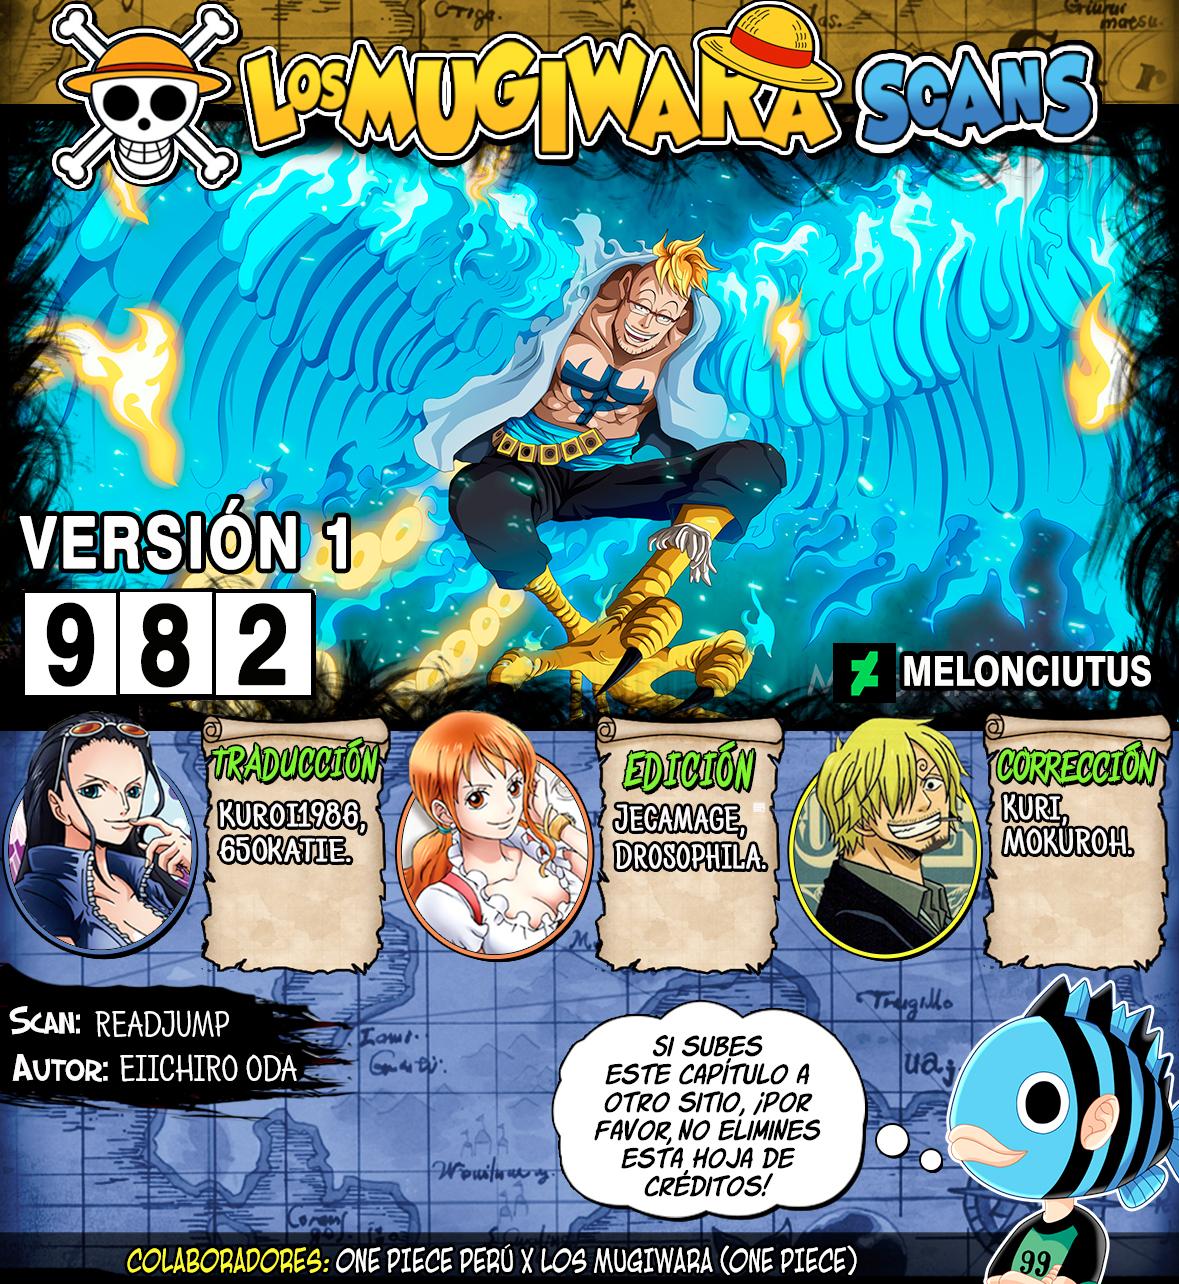 One Piece Manga 982 [Español] [Mugiwara Scans] 00